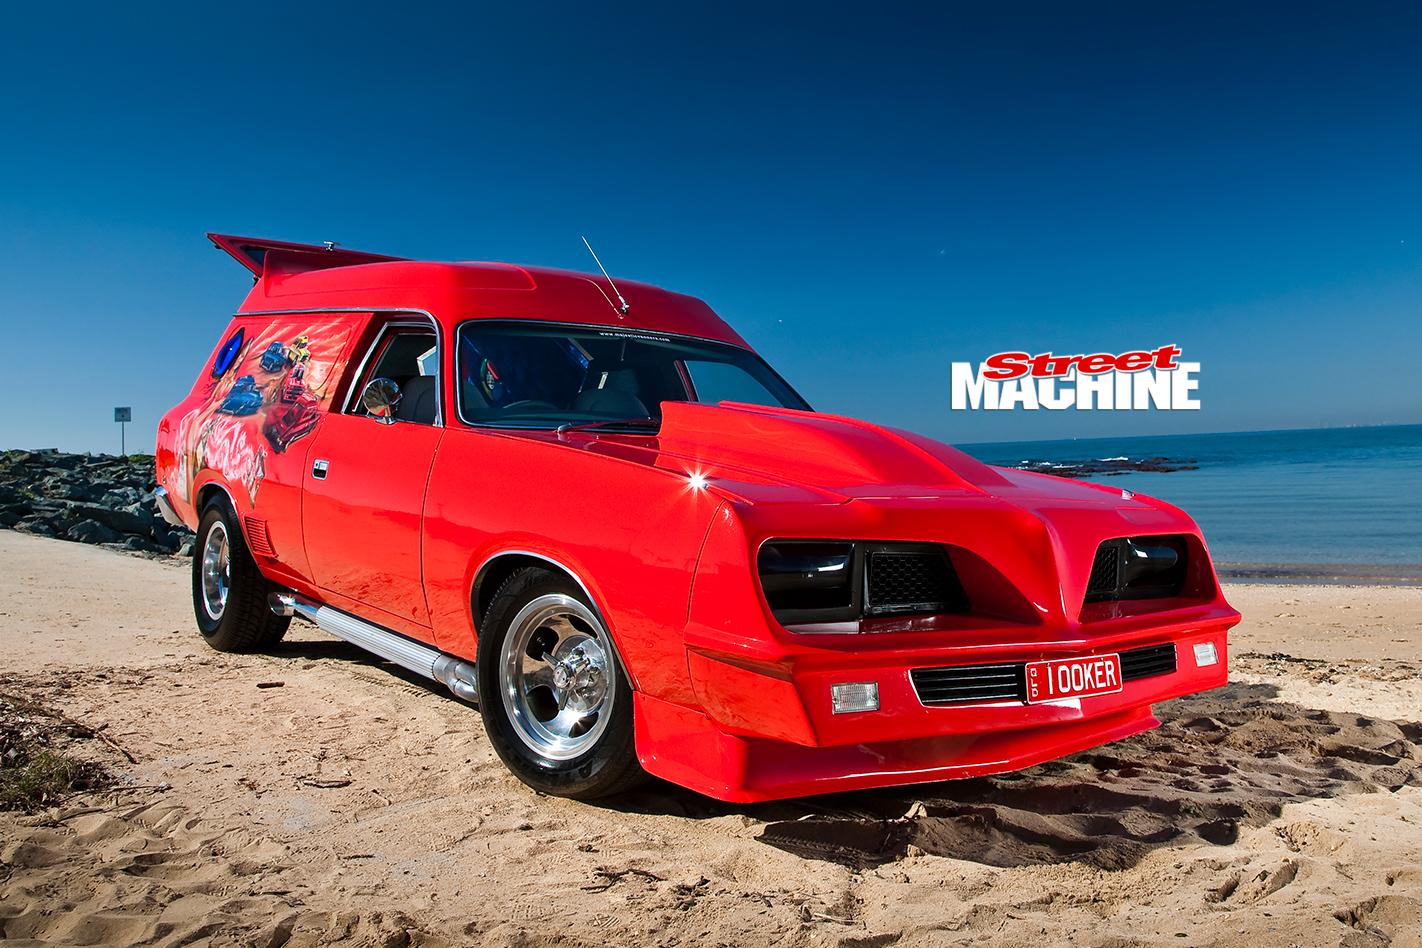 Simon Major S 1977 Chrysler Cl Valiant Panelvan